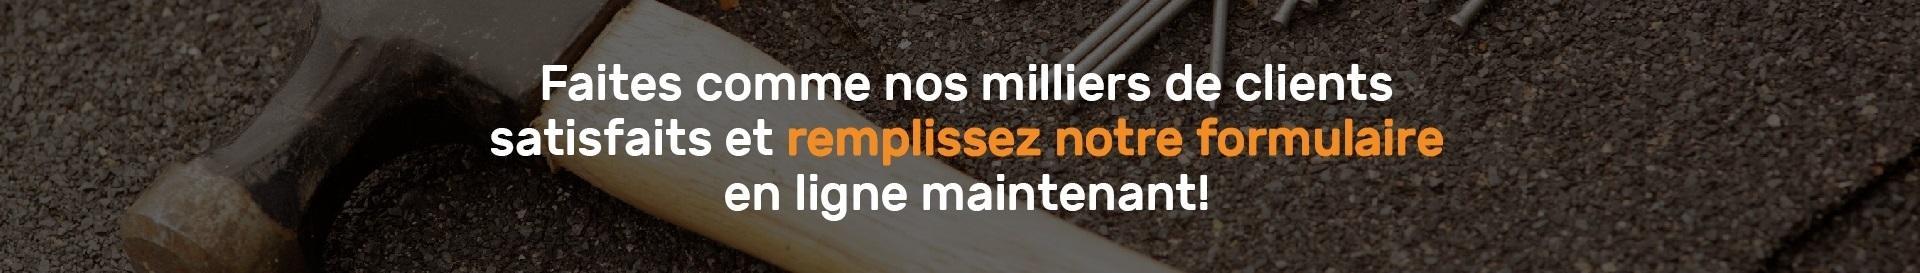 bannière-page-980-1200